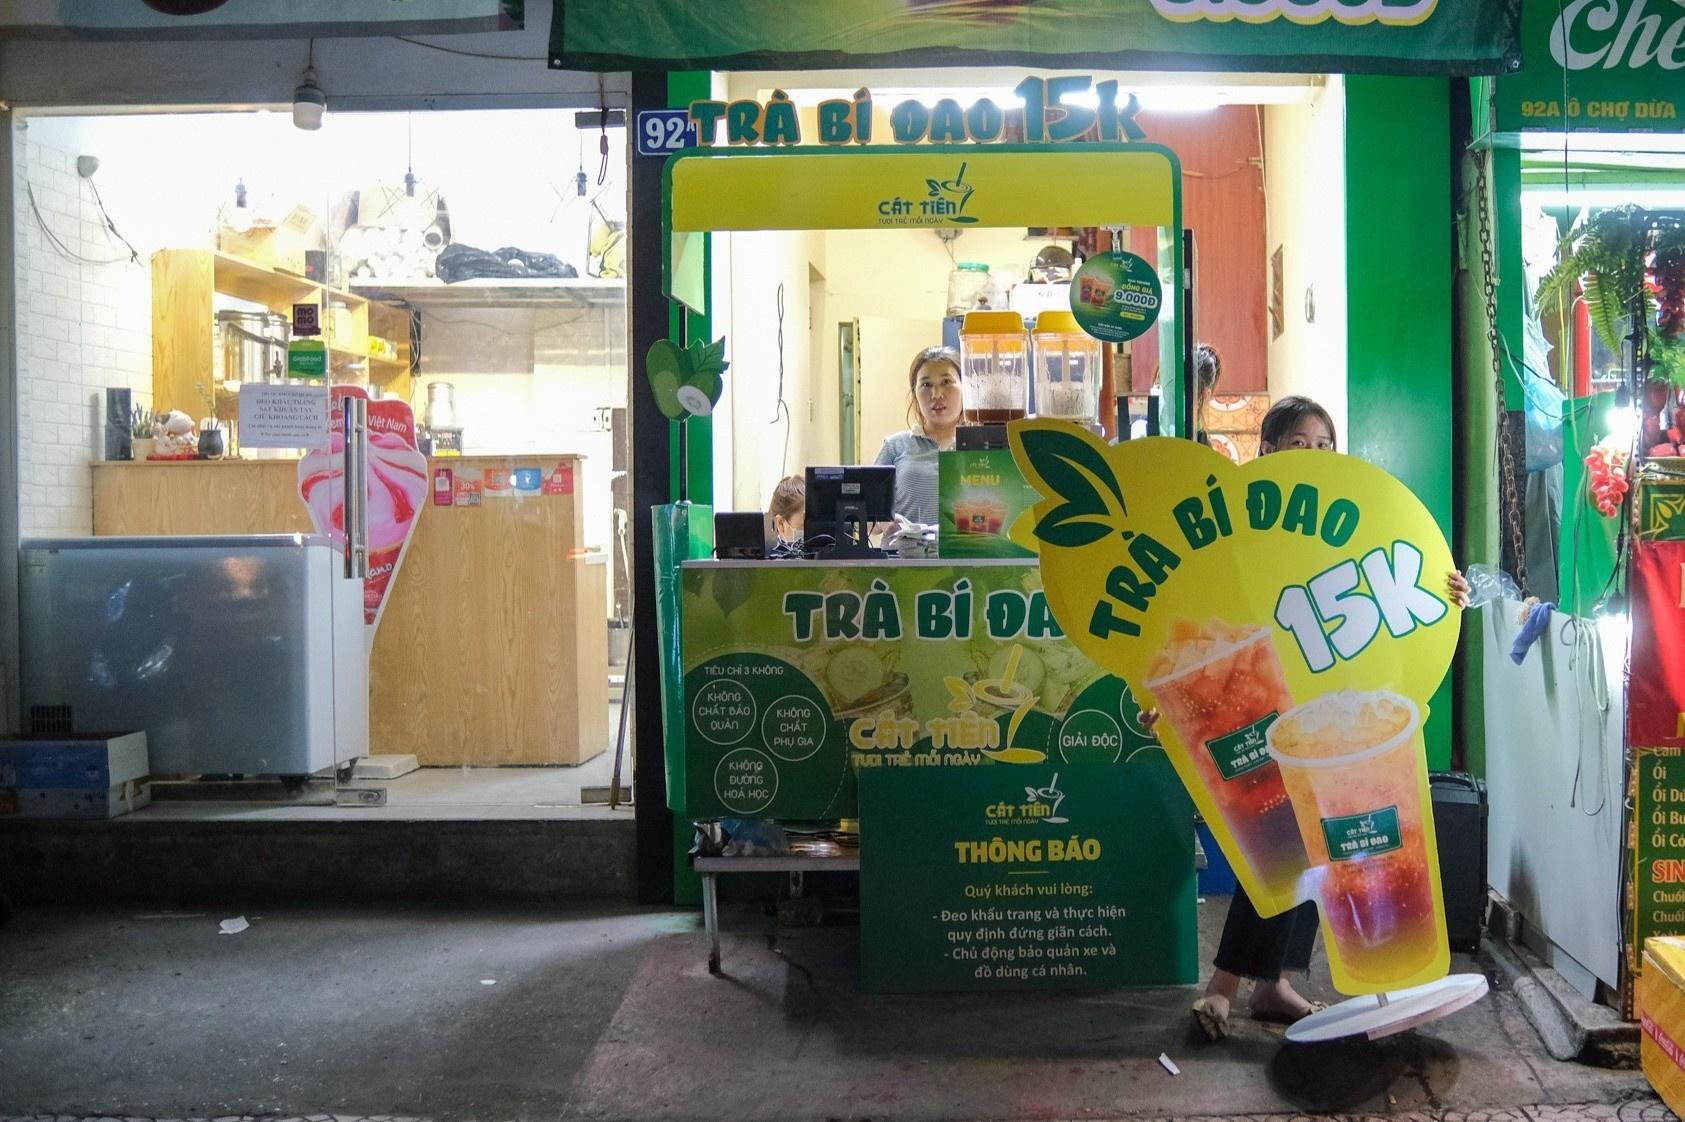 Bán mang về 1.000 cốc trà bí đao mỗi ngày ở Hà Nội - ảnh 11